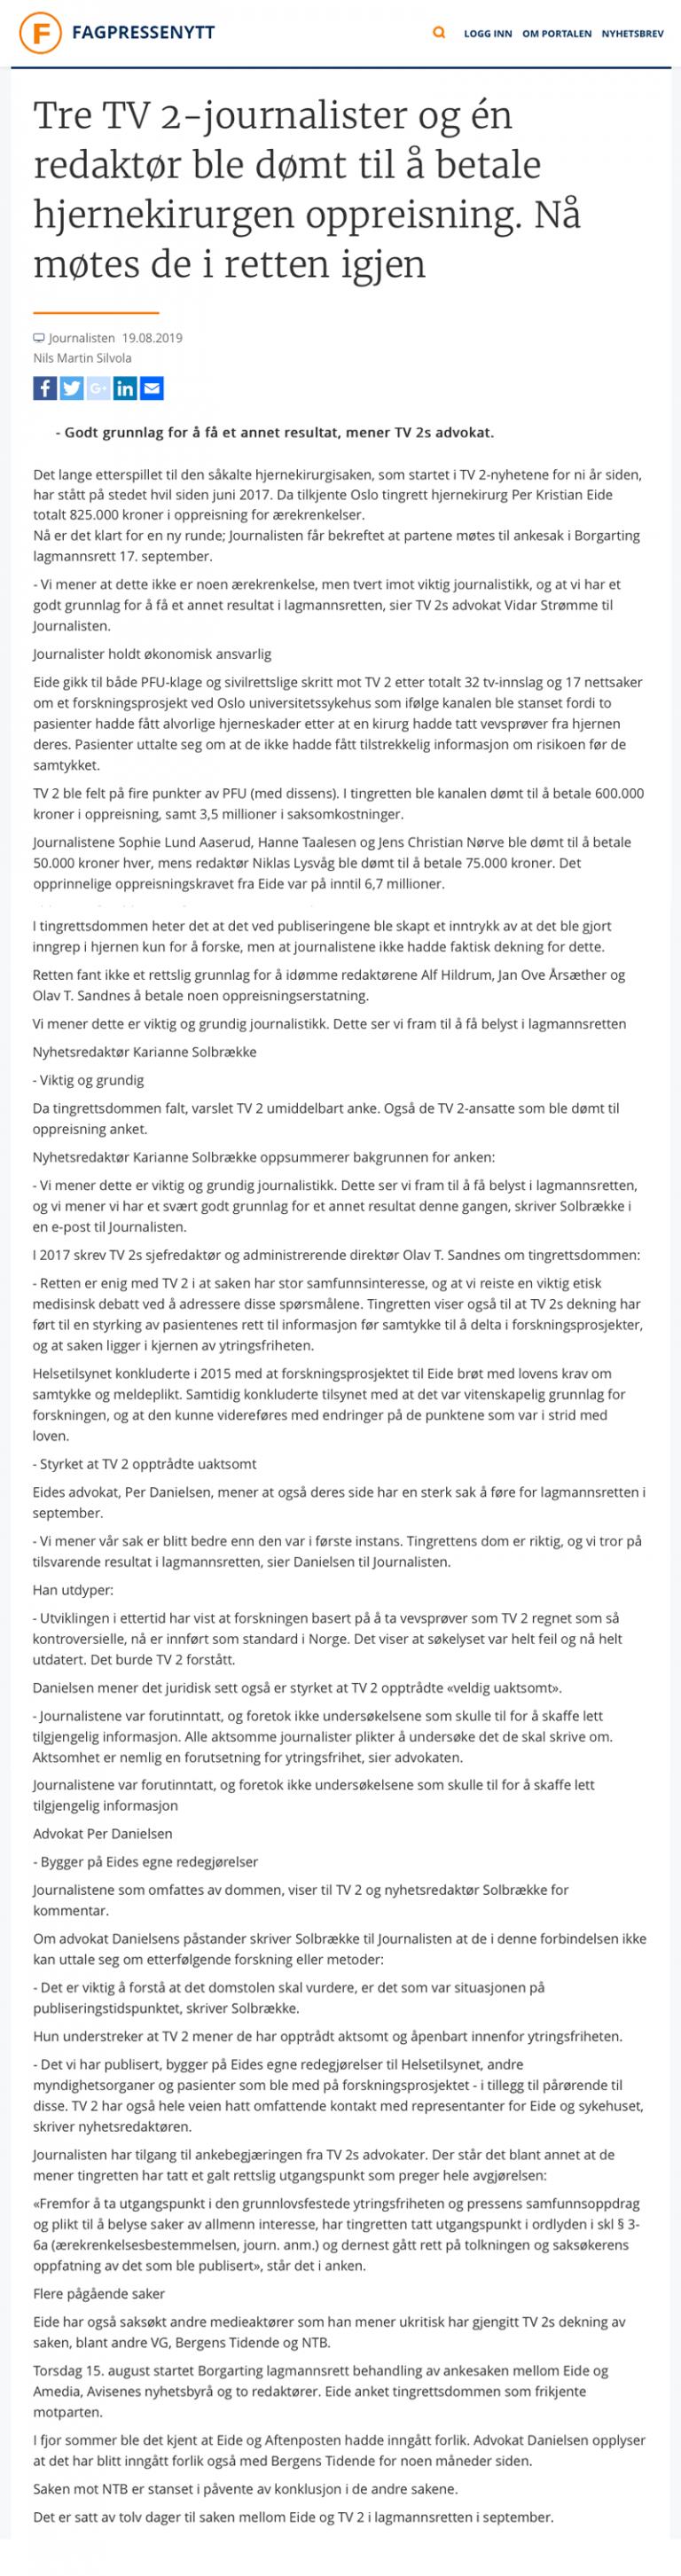 Ærekrenkelse advokat Ny runde i den såkalte hjernekirurgisaken. Advokat Danielsen & Co. Per Danielsen. Advokat i Oslo.